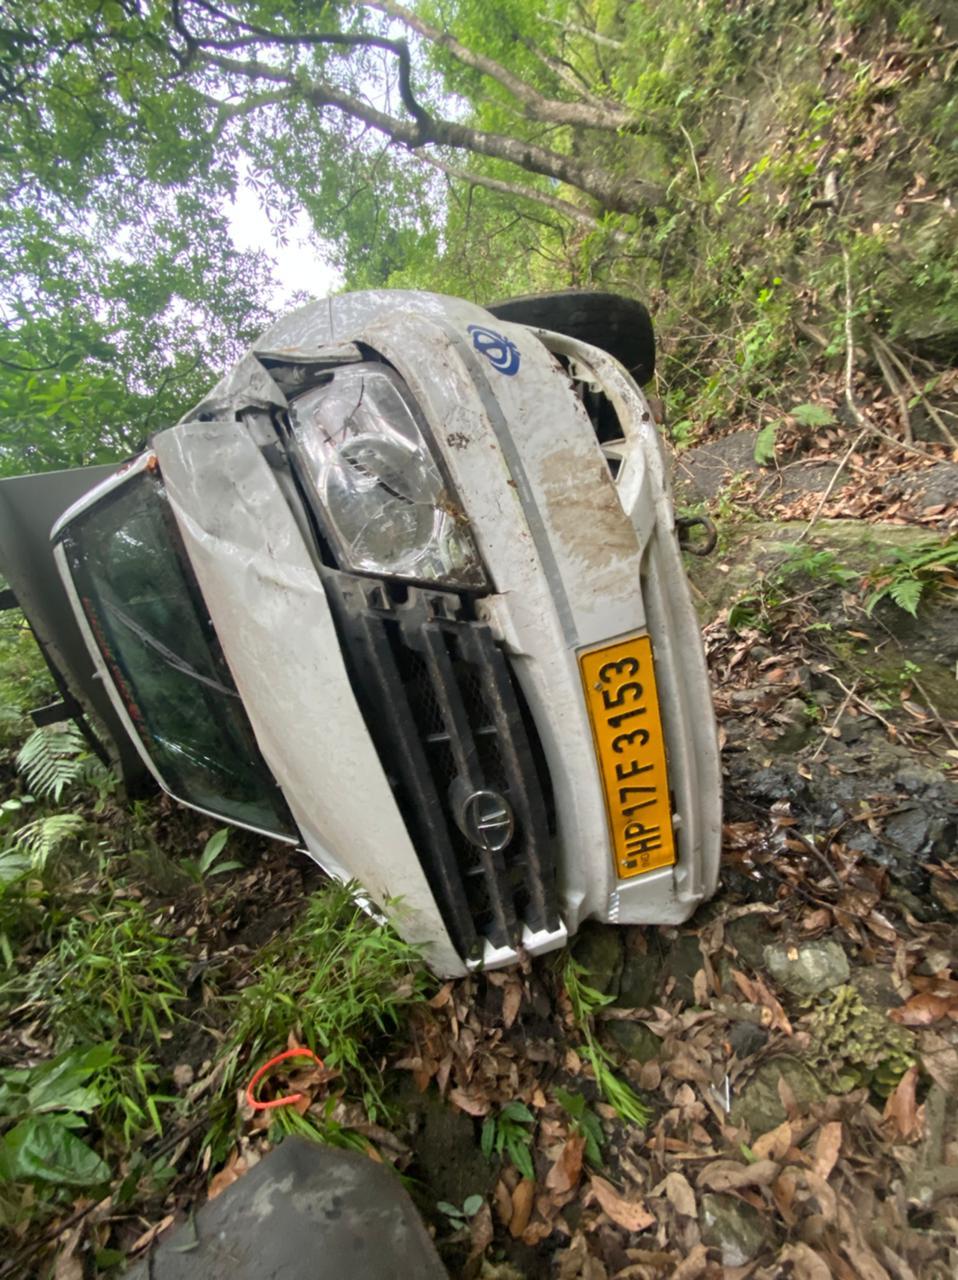 टिटियाना मार्ग पर हुआ सड़क हादसा, चार बच्चों सहित 9 लोग गम्भीर घायल